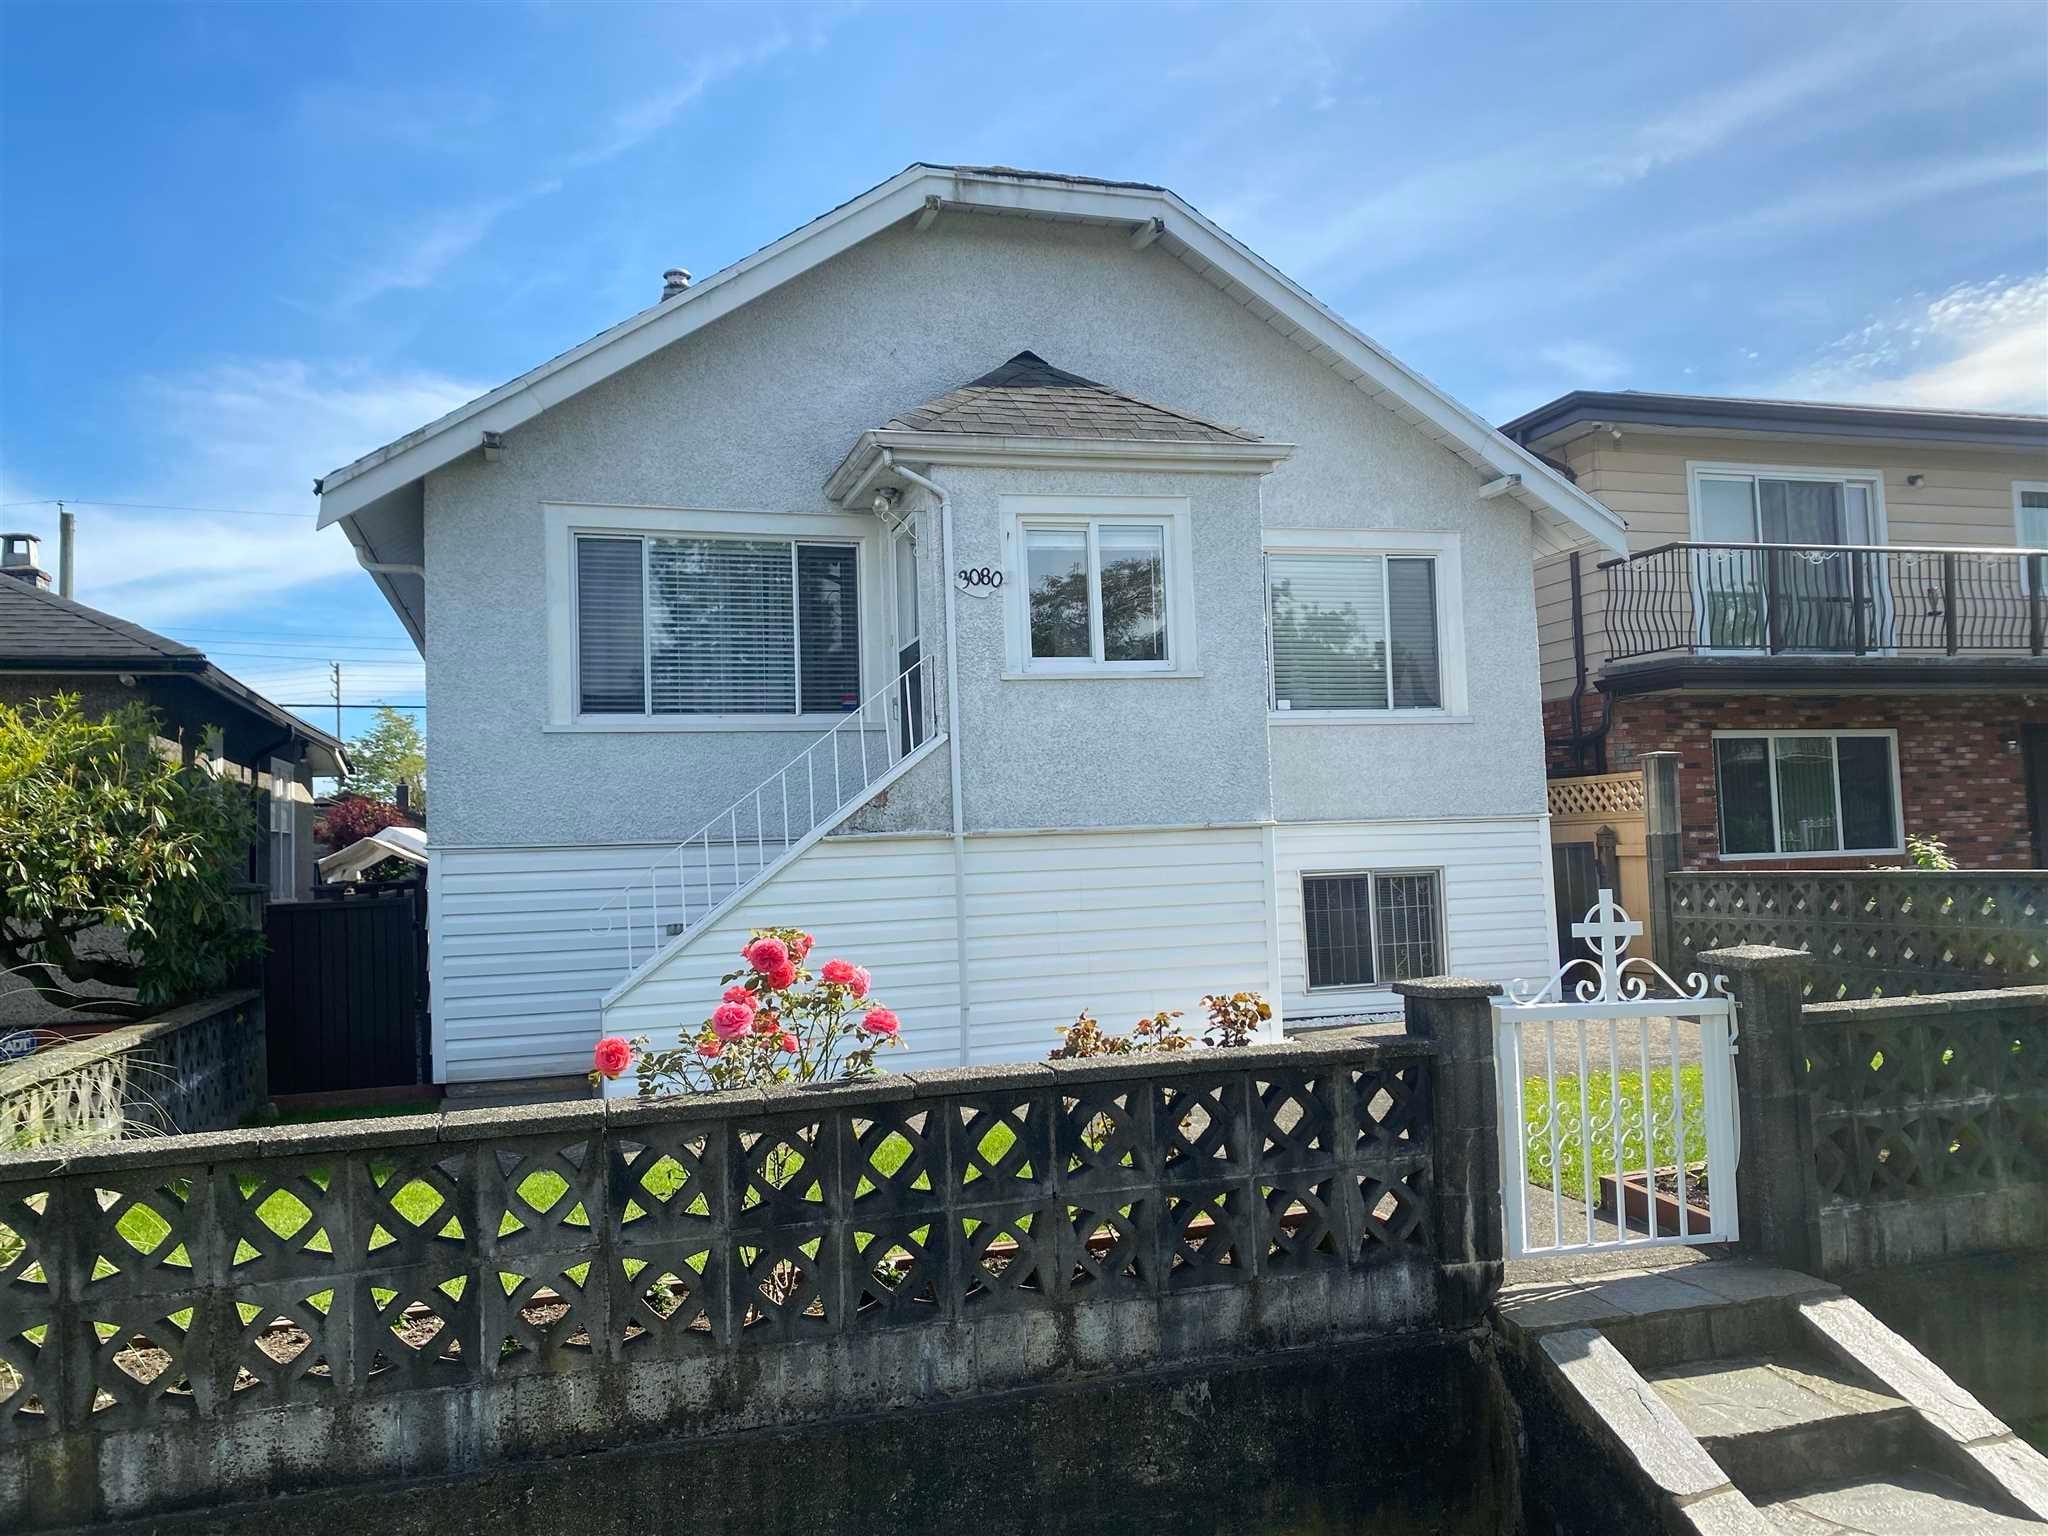 3080 GRAVELEY STREET - Renfrew VE House/Single Family for sale, 6 Bedrooms (R2595934) - #1